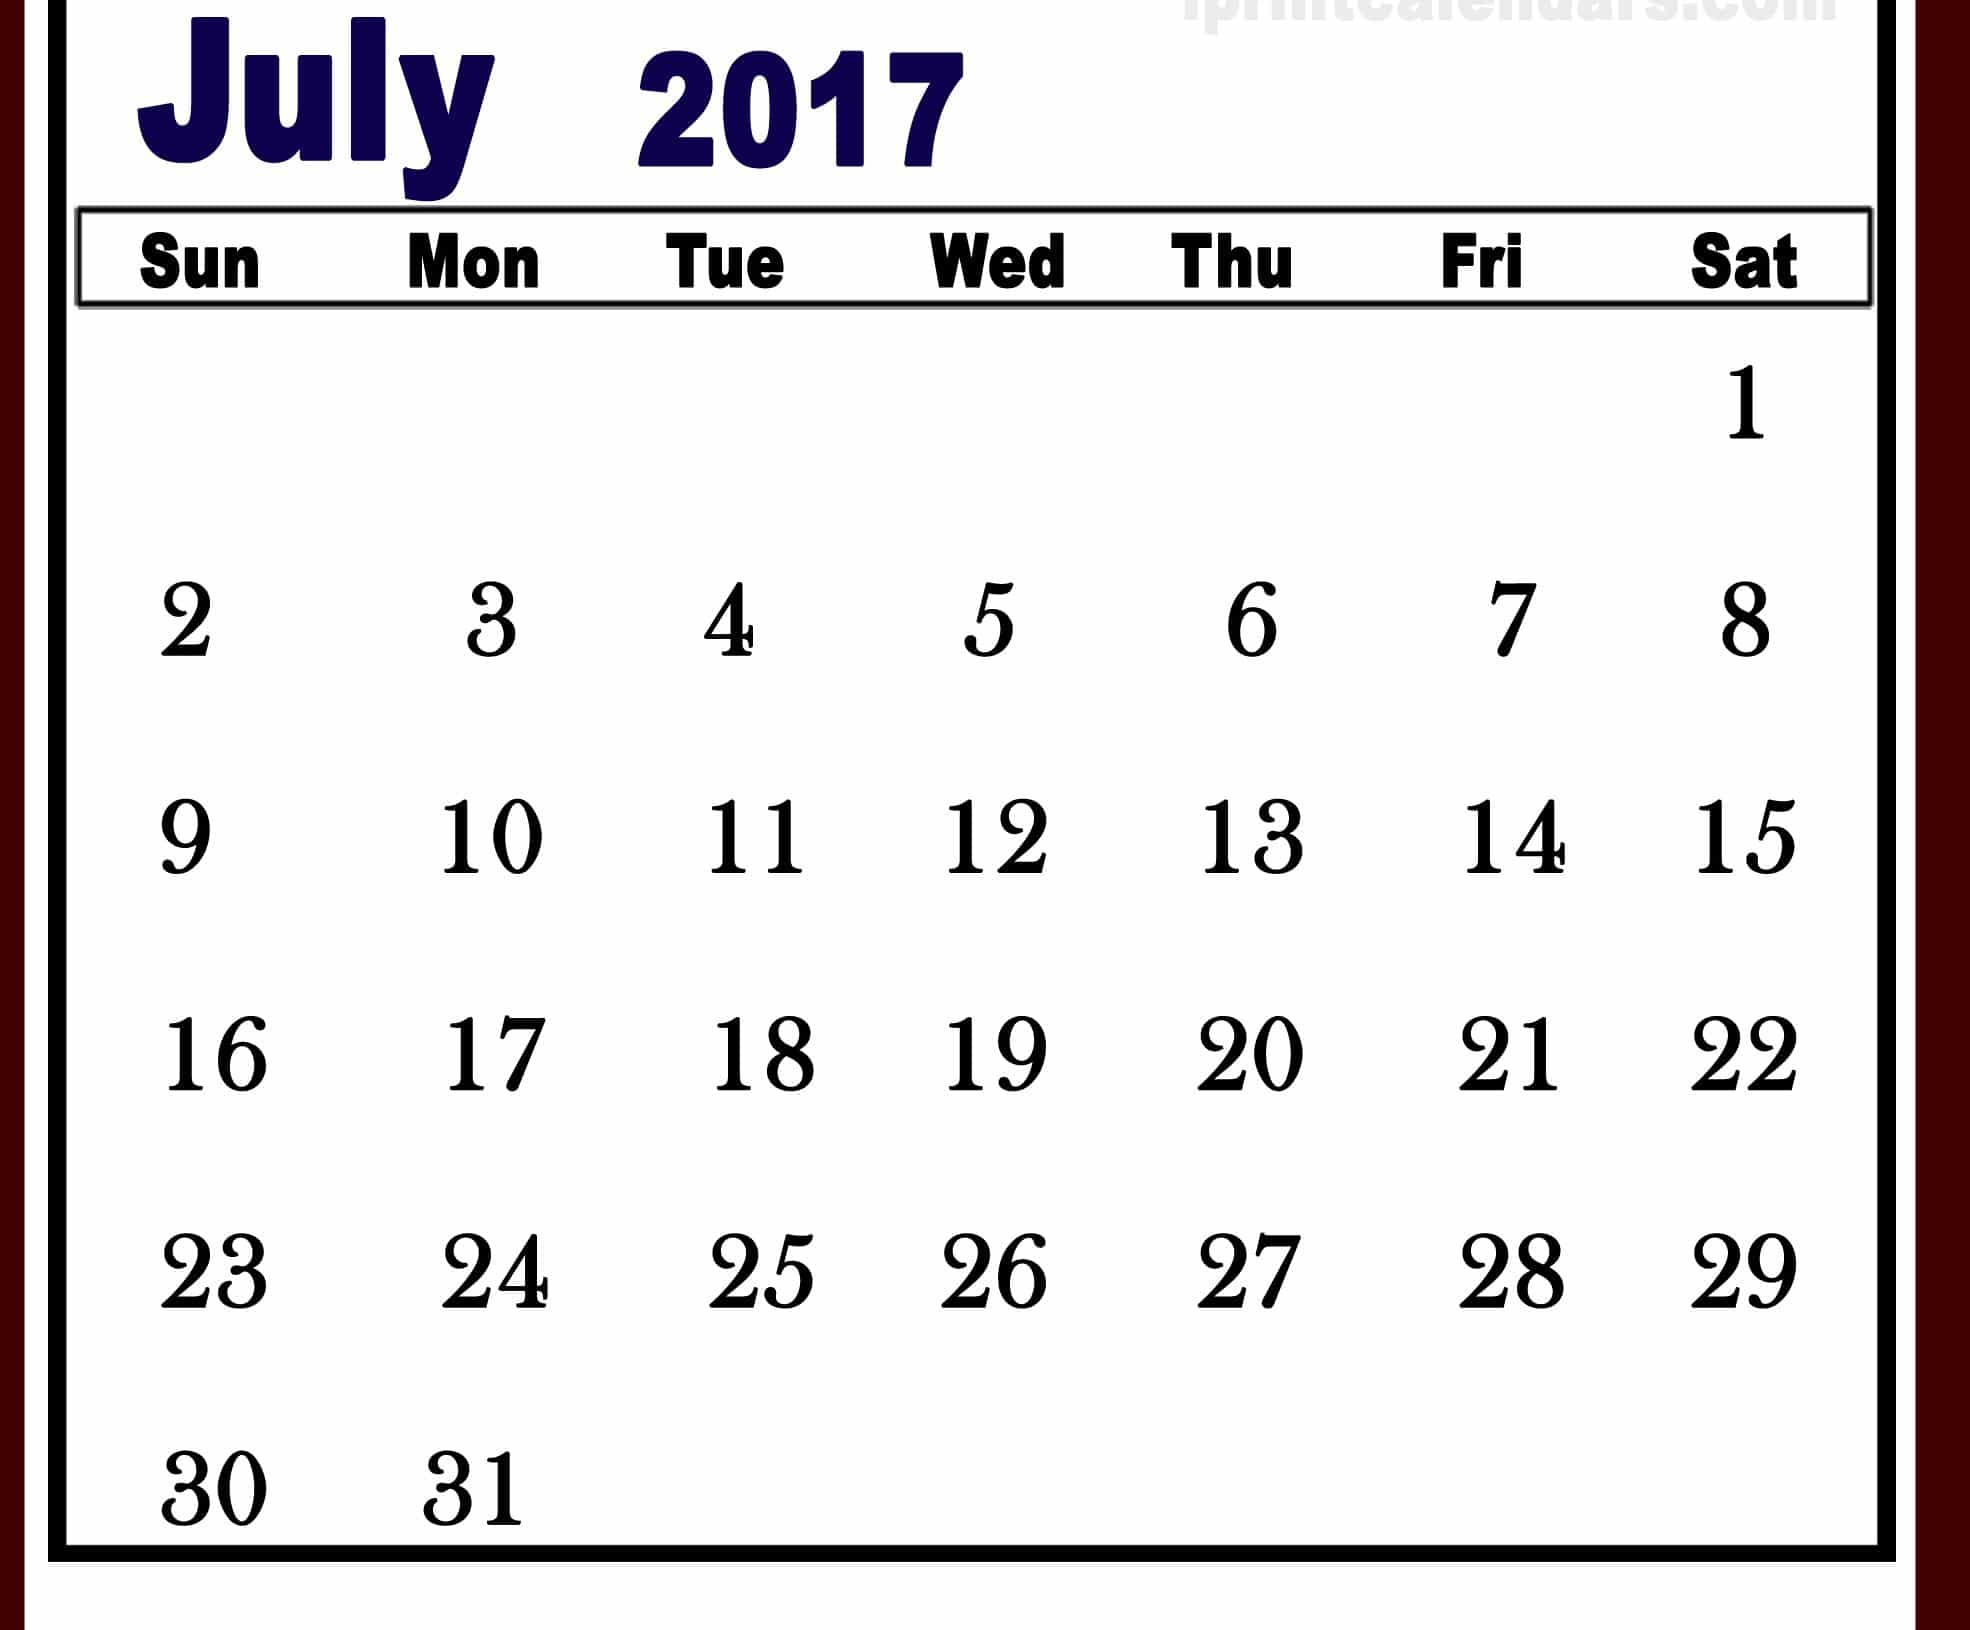 July 2017 Calendar Images